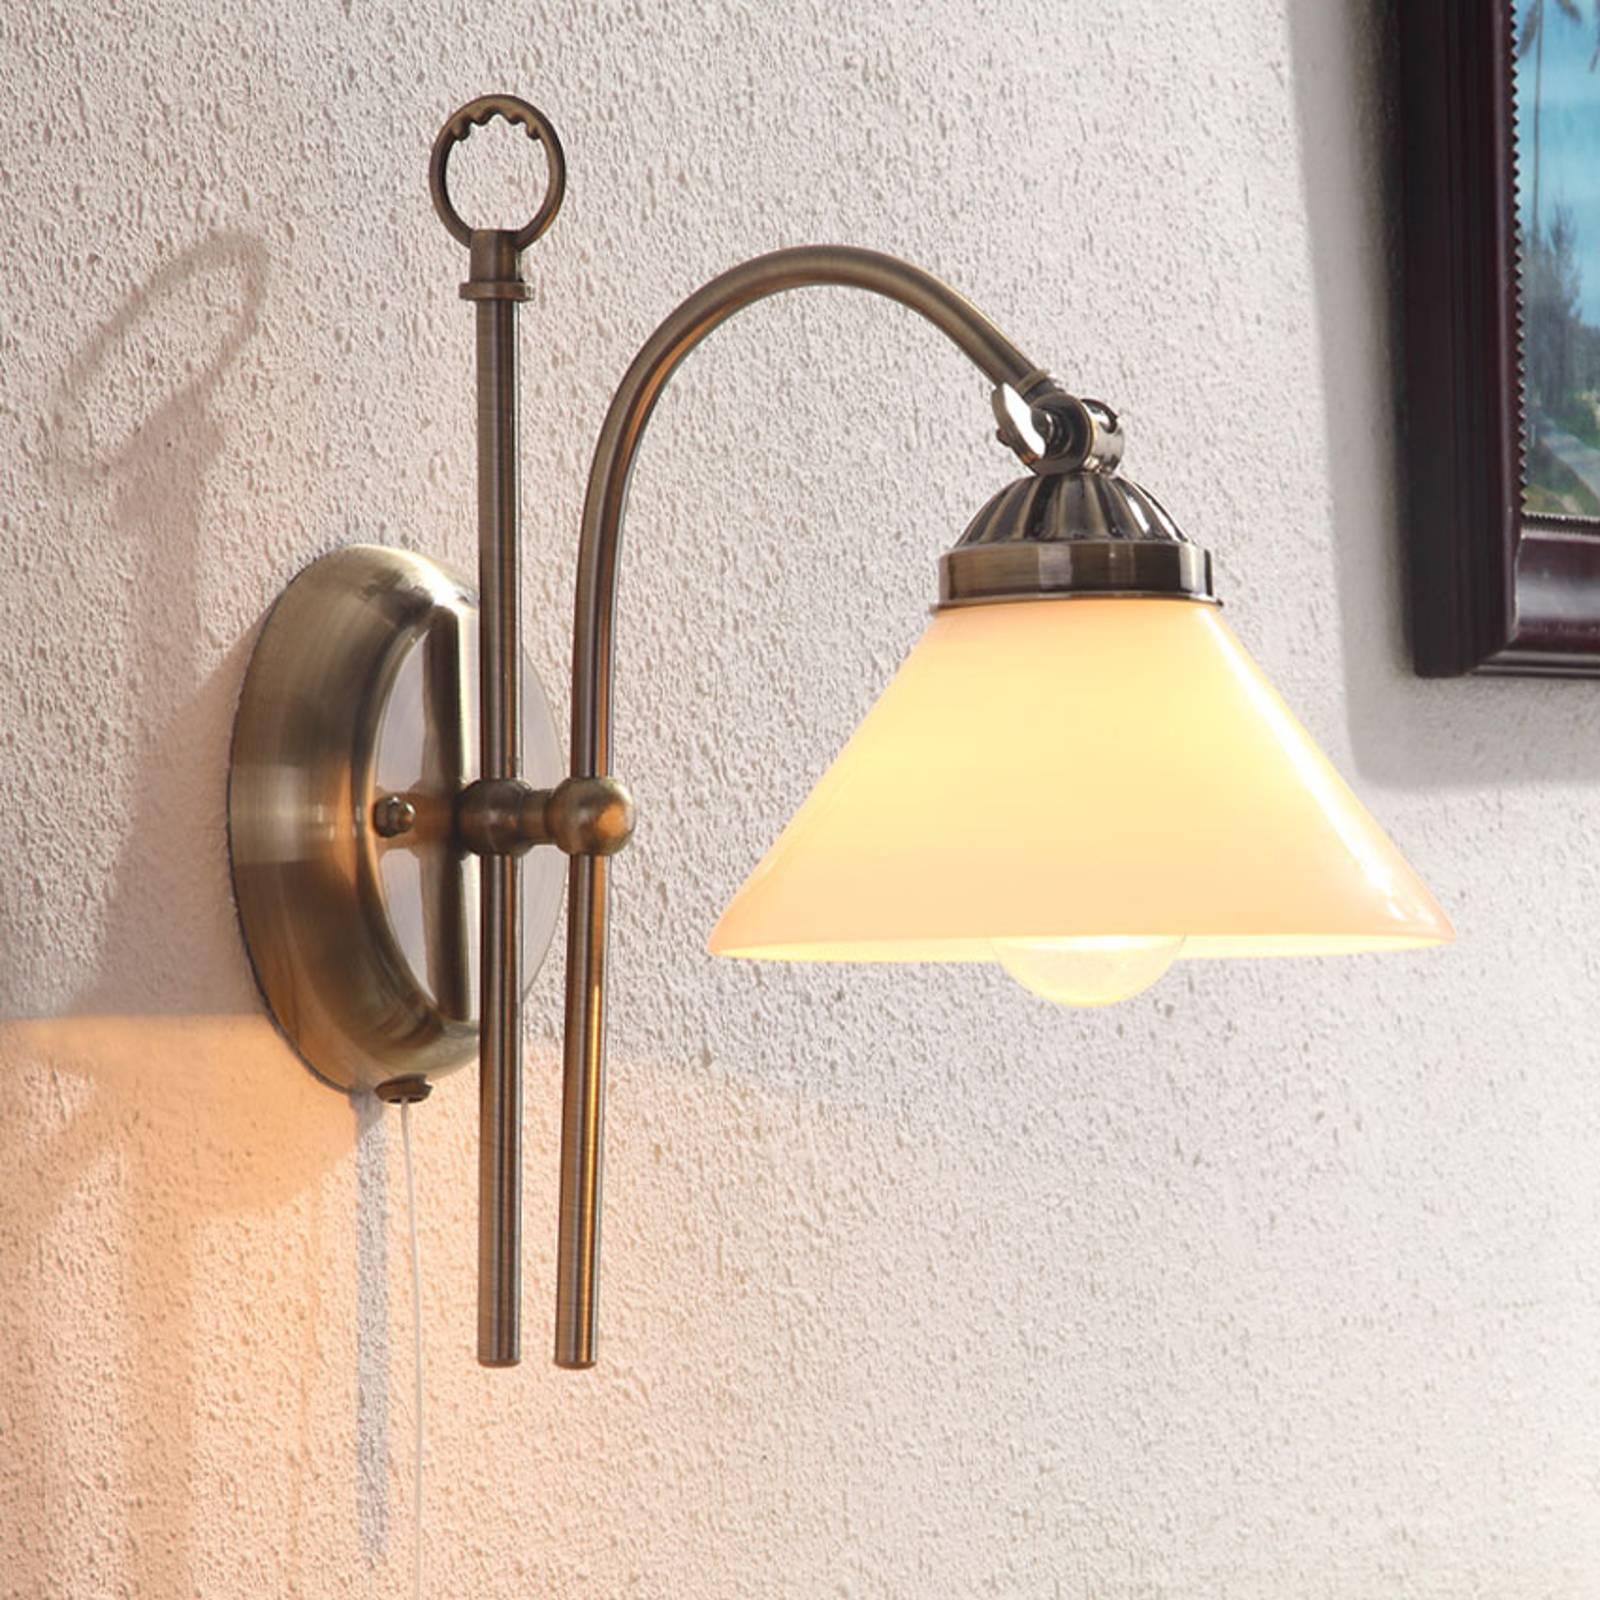 Wandlamp Otis met antieke uitstraling